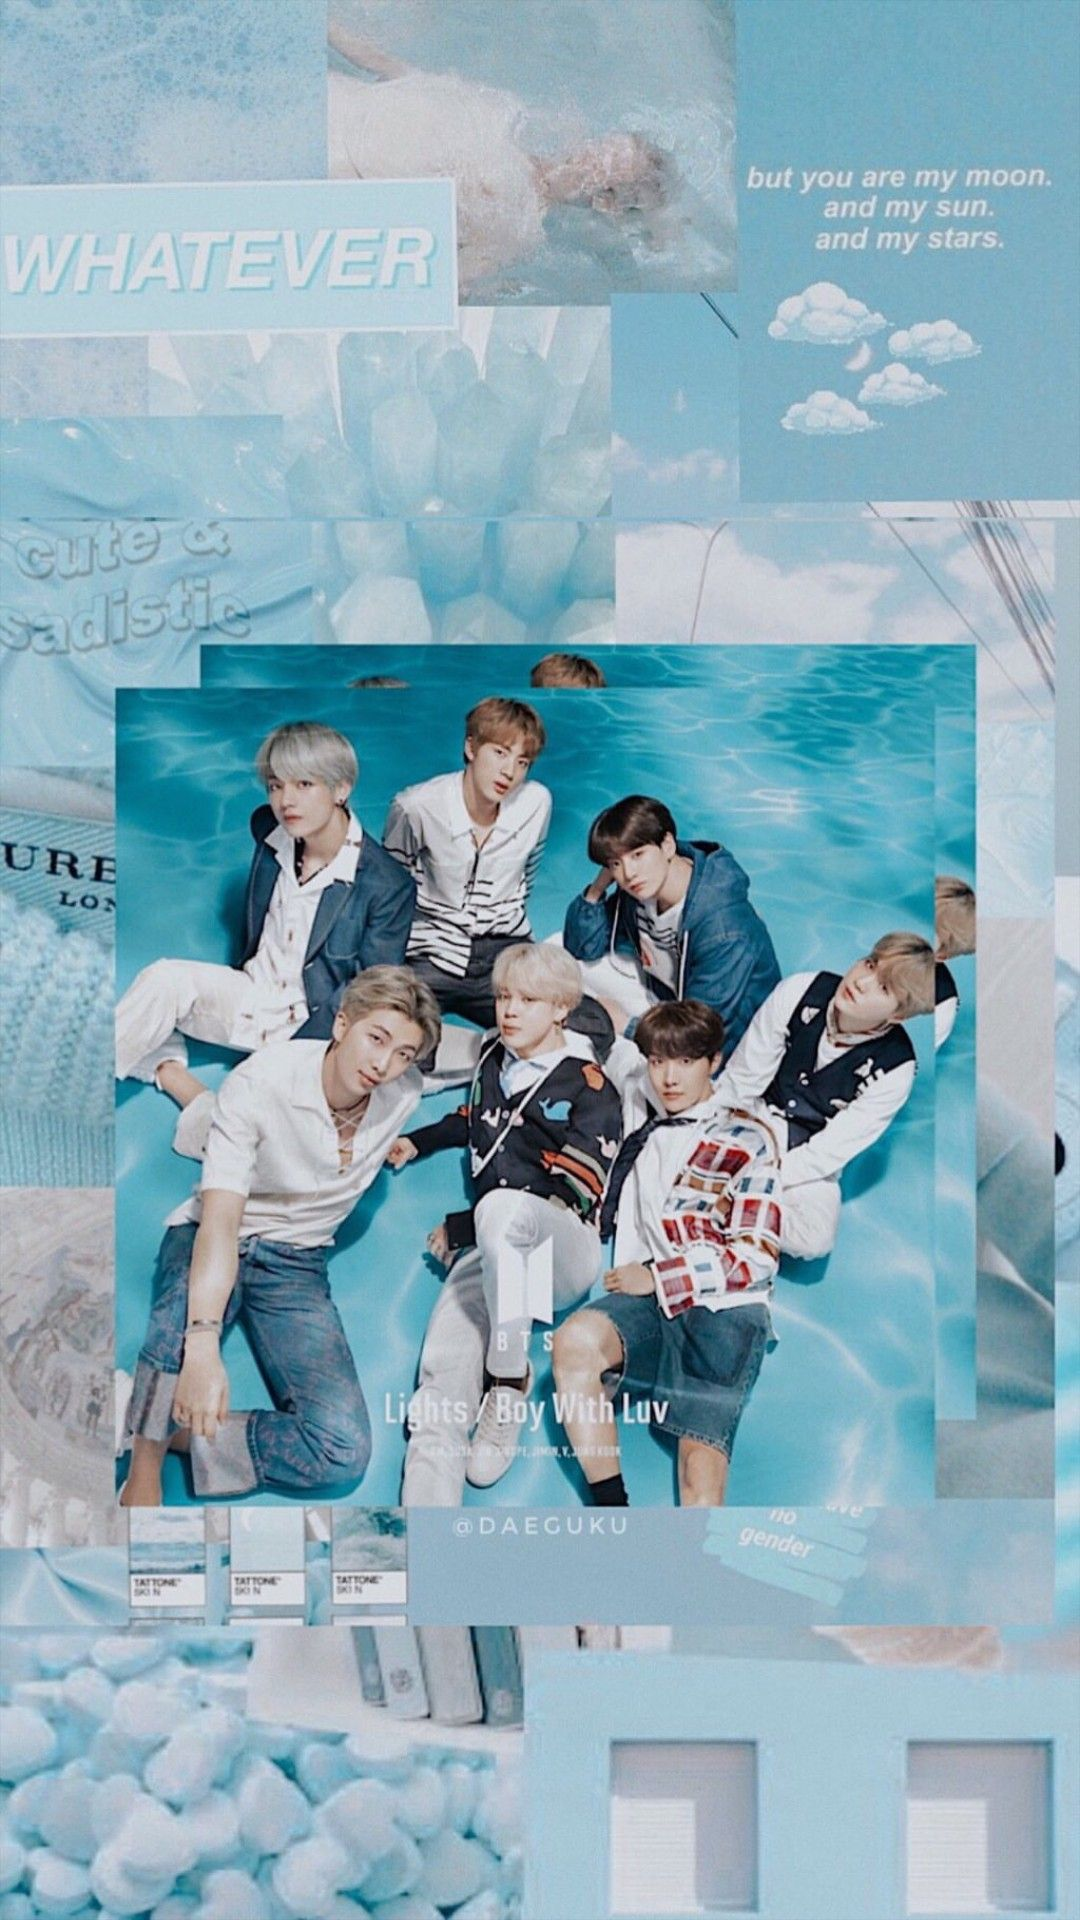 Wallpaper Lockscreen Hd Bts Blue Babyblue Bts Wallpaper Bts Aesthetic Wallpaper For Phone Baby Blue Aesthetic Aesthetic bts wallpaper blue